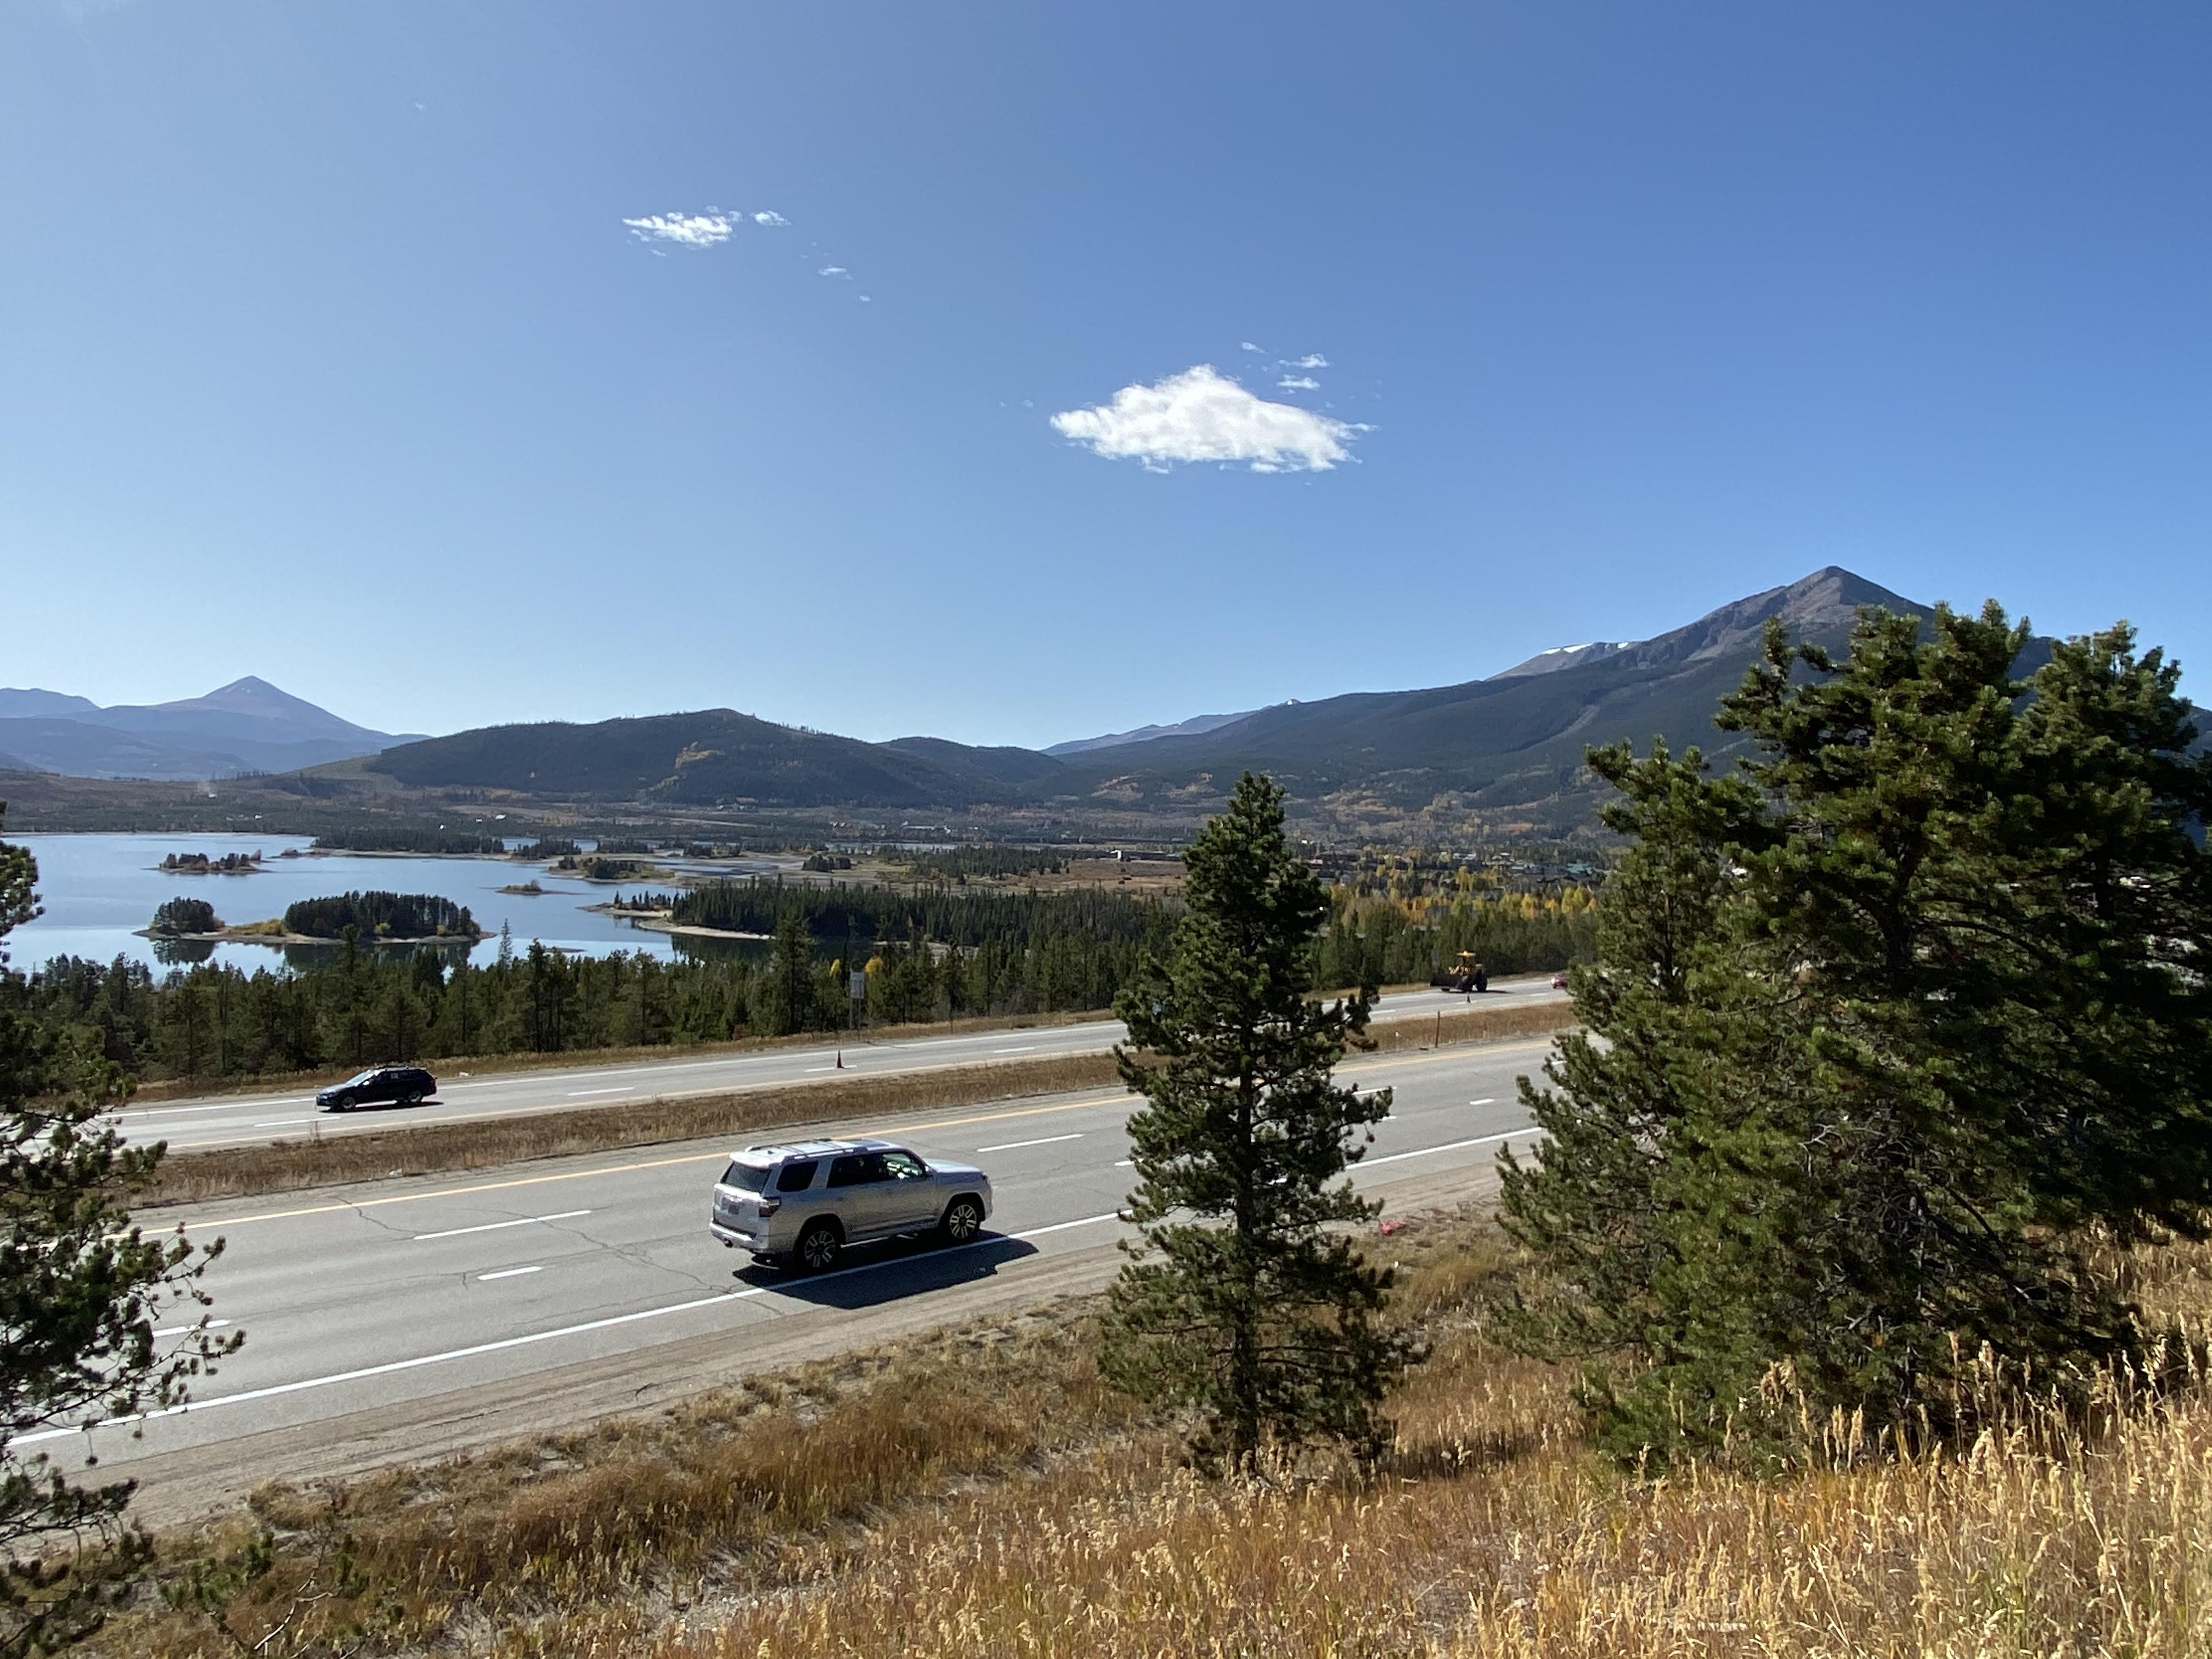 A view across the Dillon Reservoir towards Frisco, Colorado.